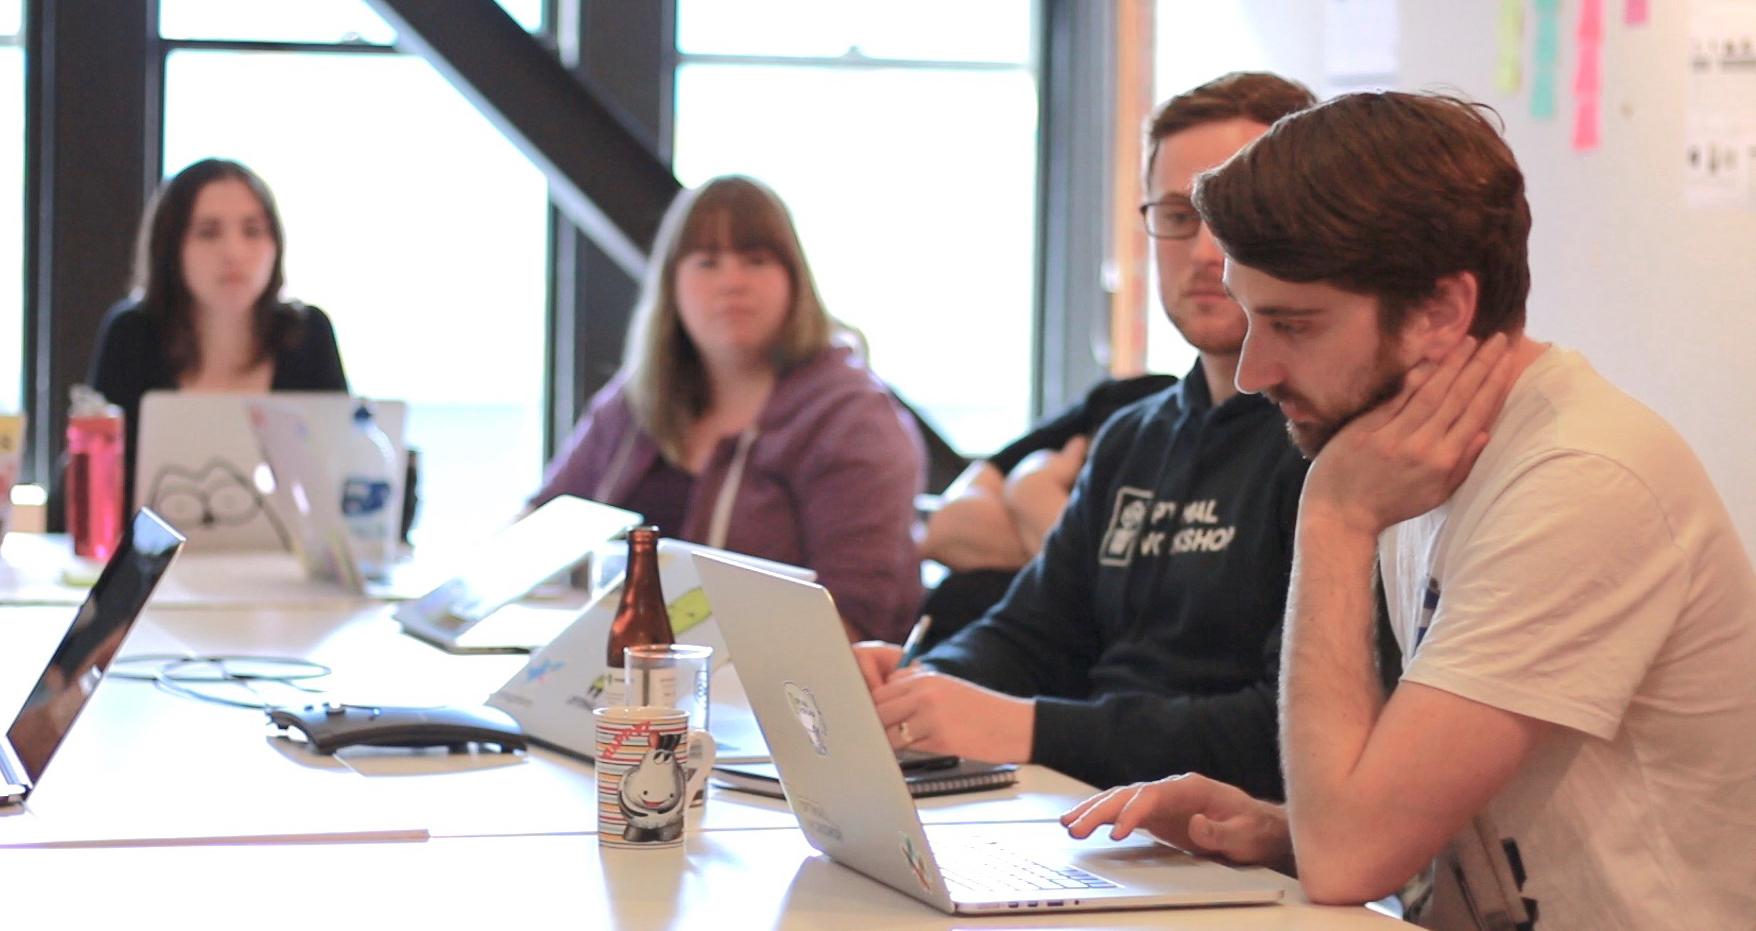 Developers of Optimal Workshop